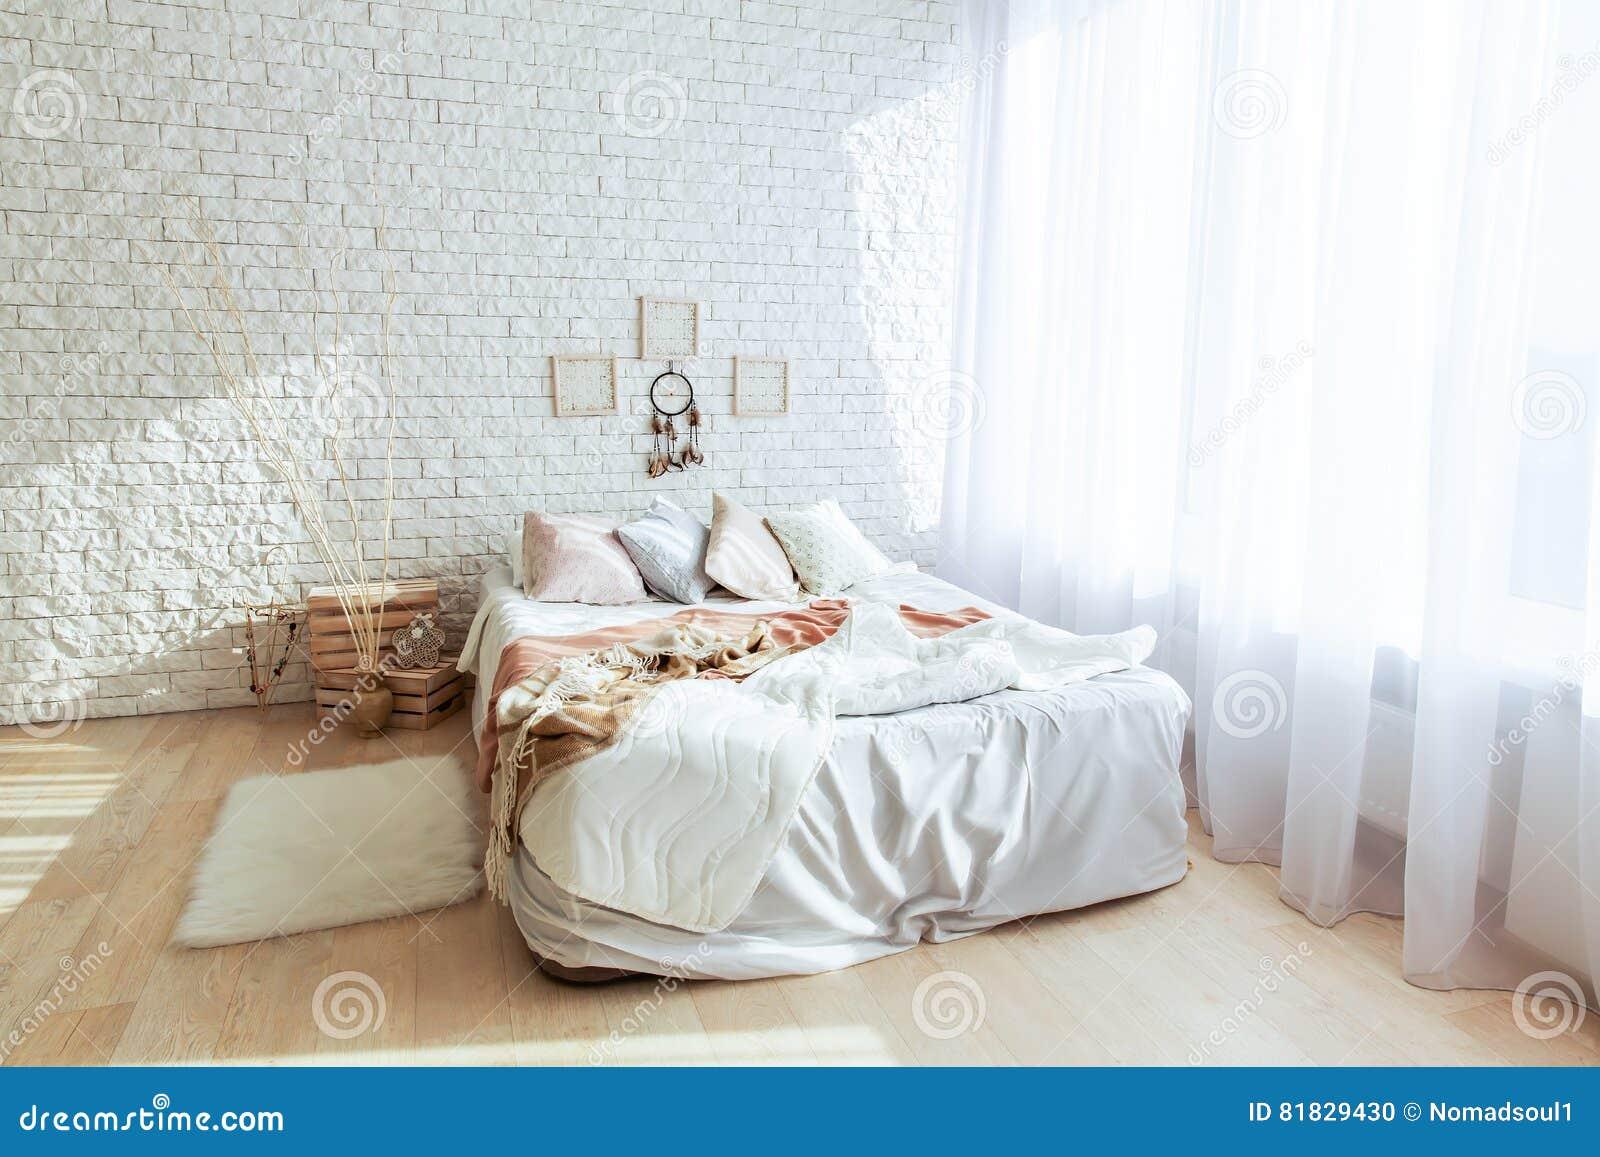 Minimalistische Slaapkamer Met Grote Bed En Bakstenen Muur Stock ...